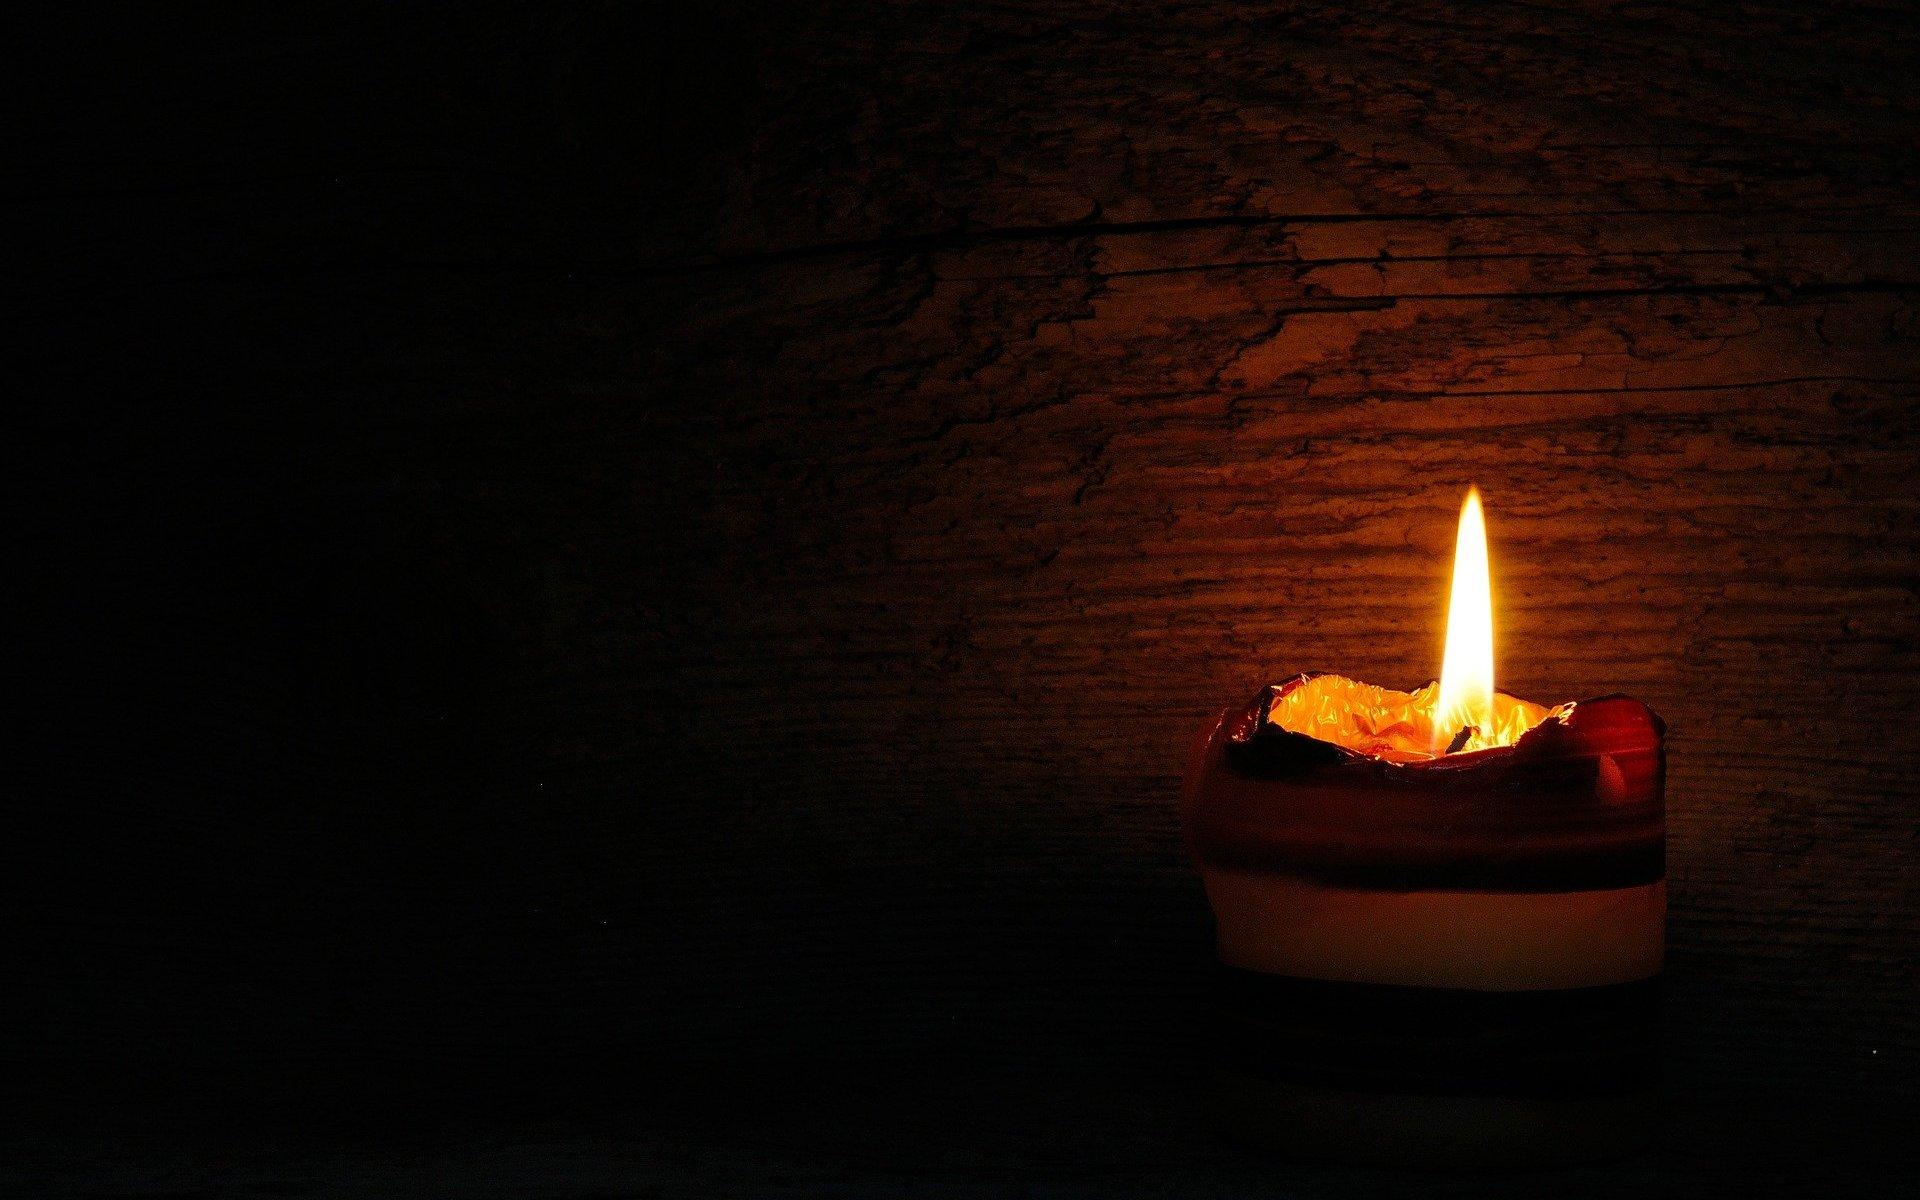 Das Imbolc-Symbol - eine brennende Kerze - erleuchtet in der Dunkelheit eine Holzwand.